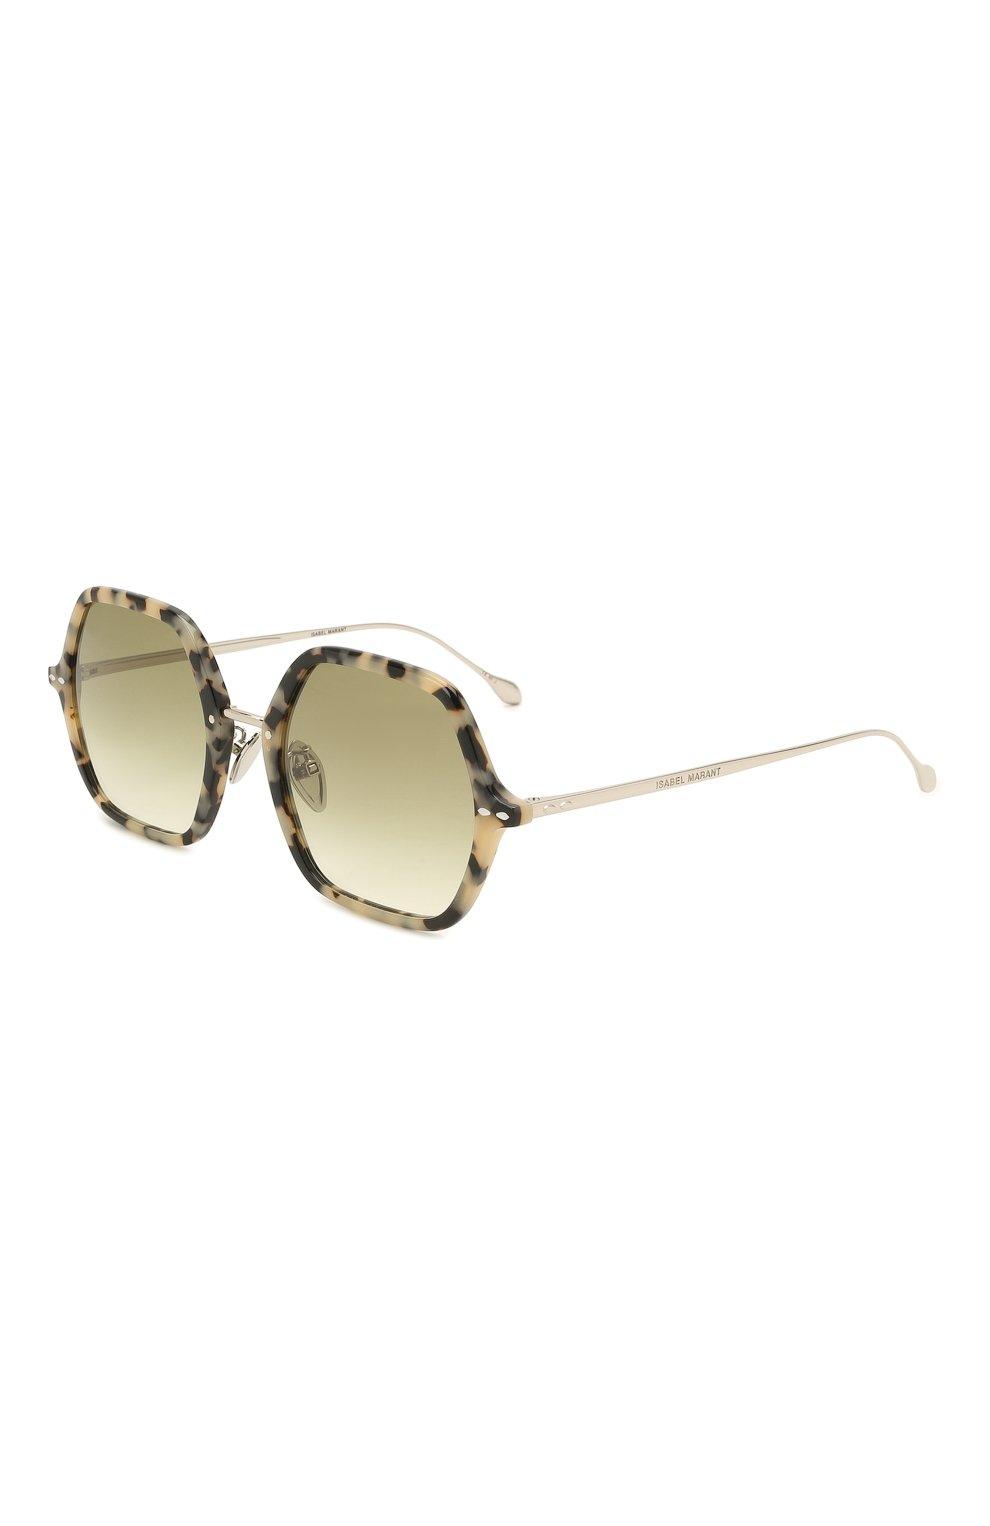 Женские солнцезащитные очки ISABEL MARANT серого цвета, арт. IM0036 9G0 | Фото 1